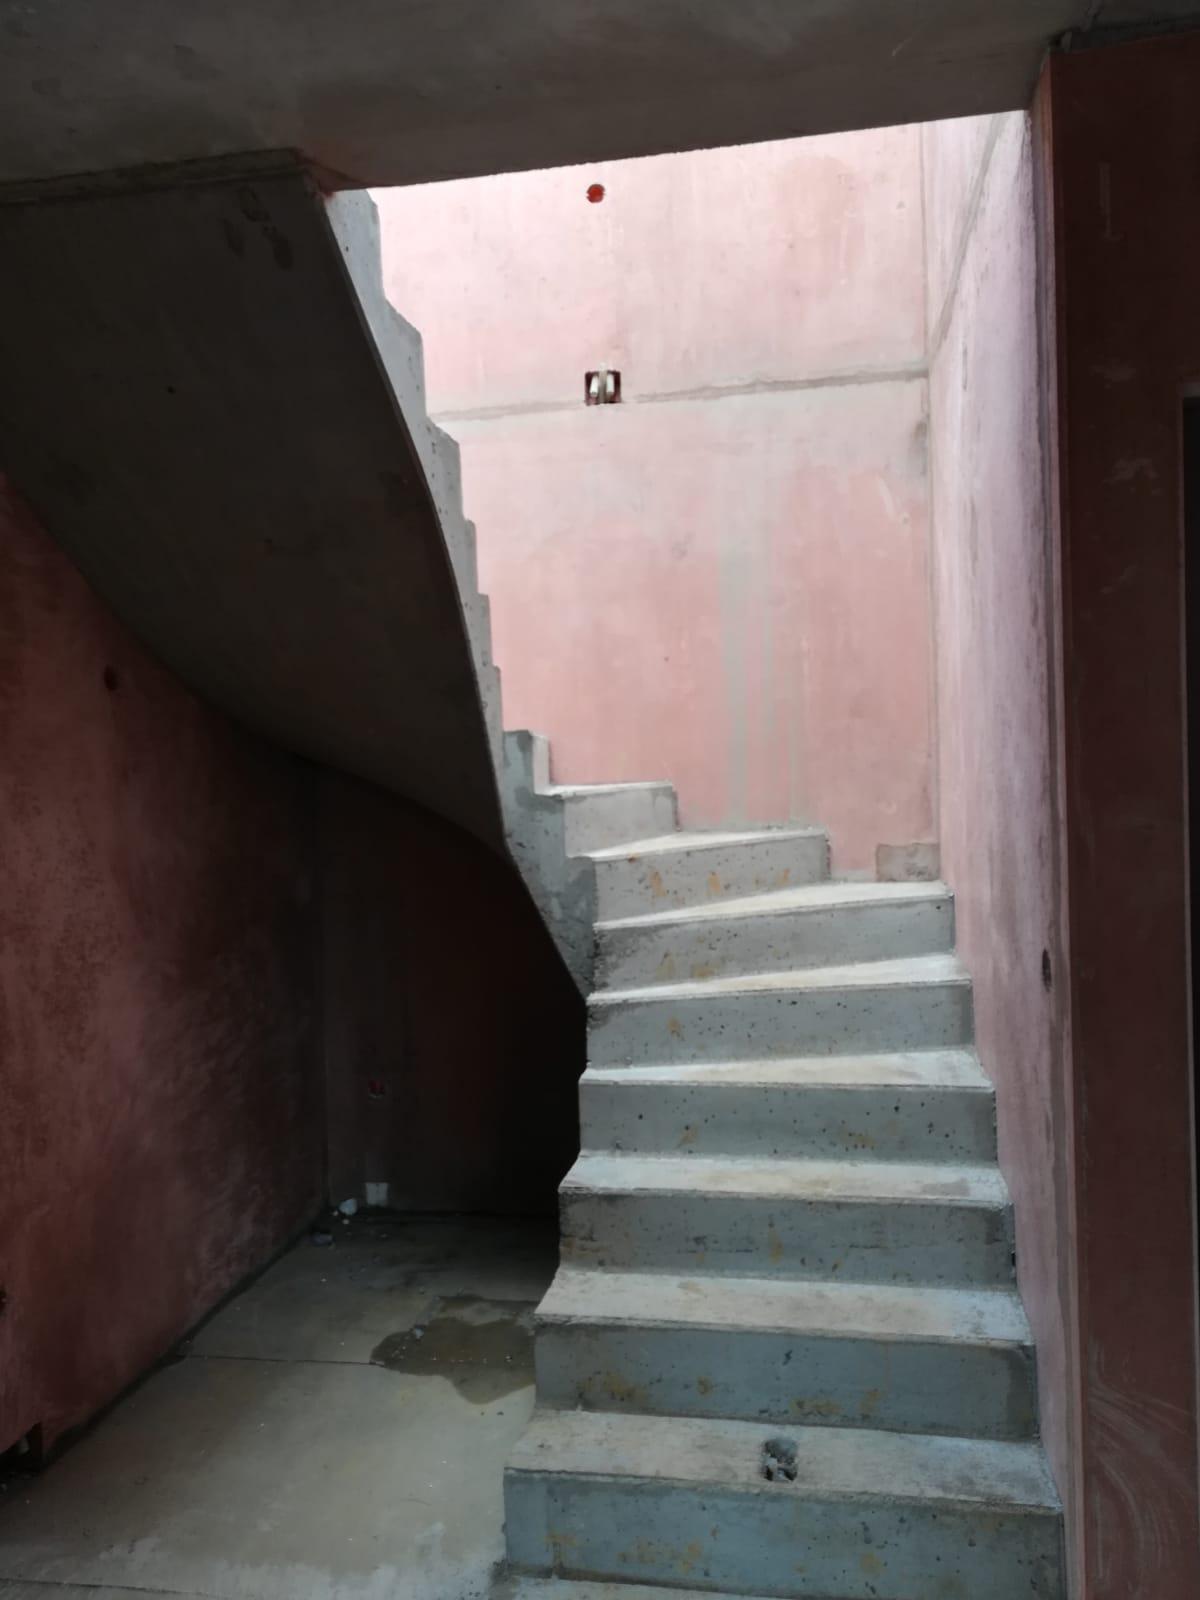 Výstavba s DJT (Liapor) - Již nainstalované schodiště. Je moc pohodlné a prostorné. Jeden z prvků, který na domě vysloveně milujeme. ;-)